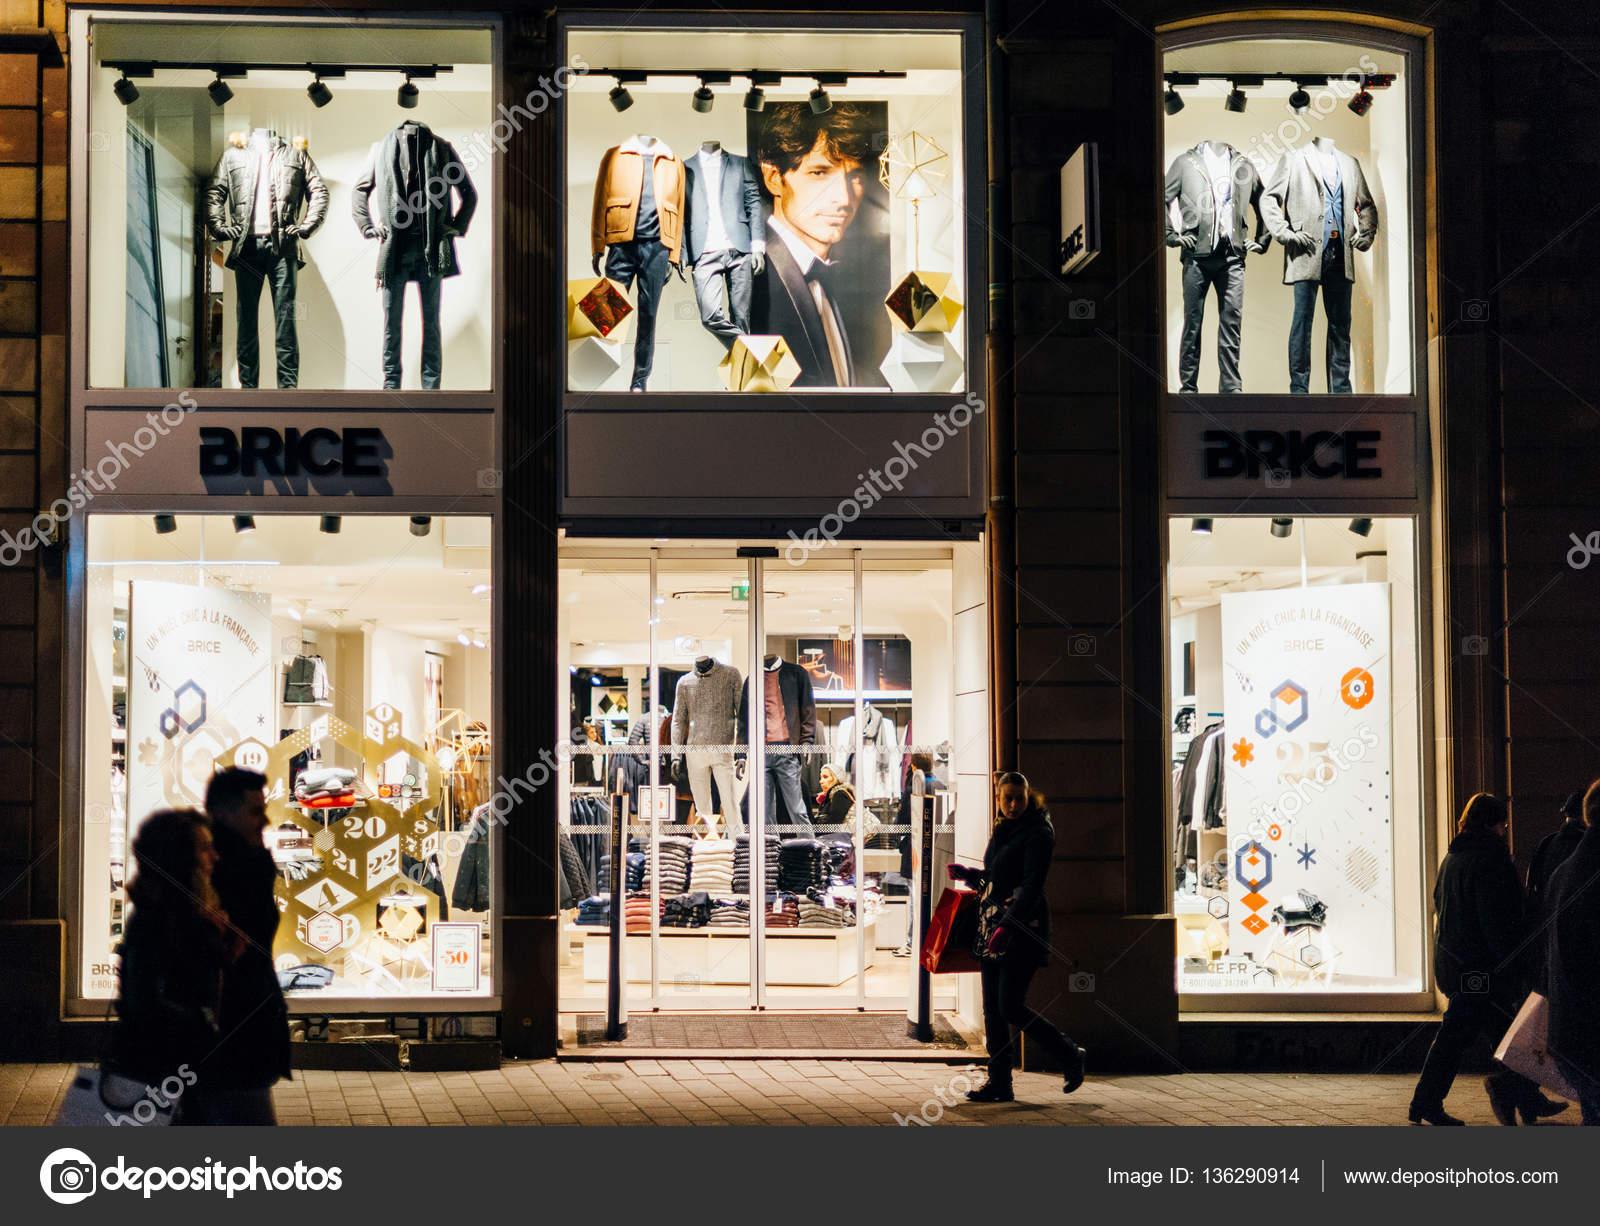 eebf7e19d ... 2016  Tienda de pret-a-porter masculino Brice ciudad francesa con  clientes a pie delante de los ventanales admirar la ropa - tienda francesa  ropa — Foto ...